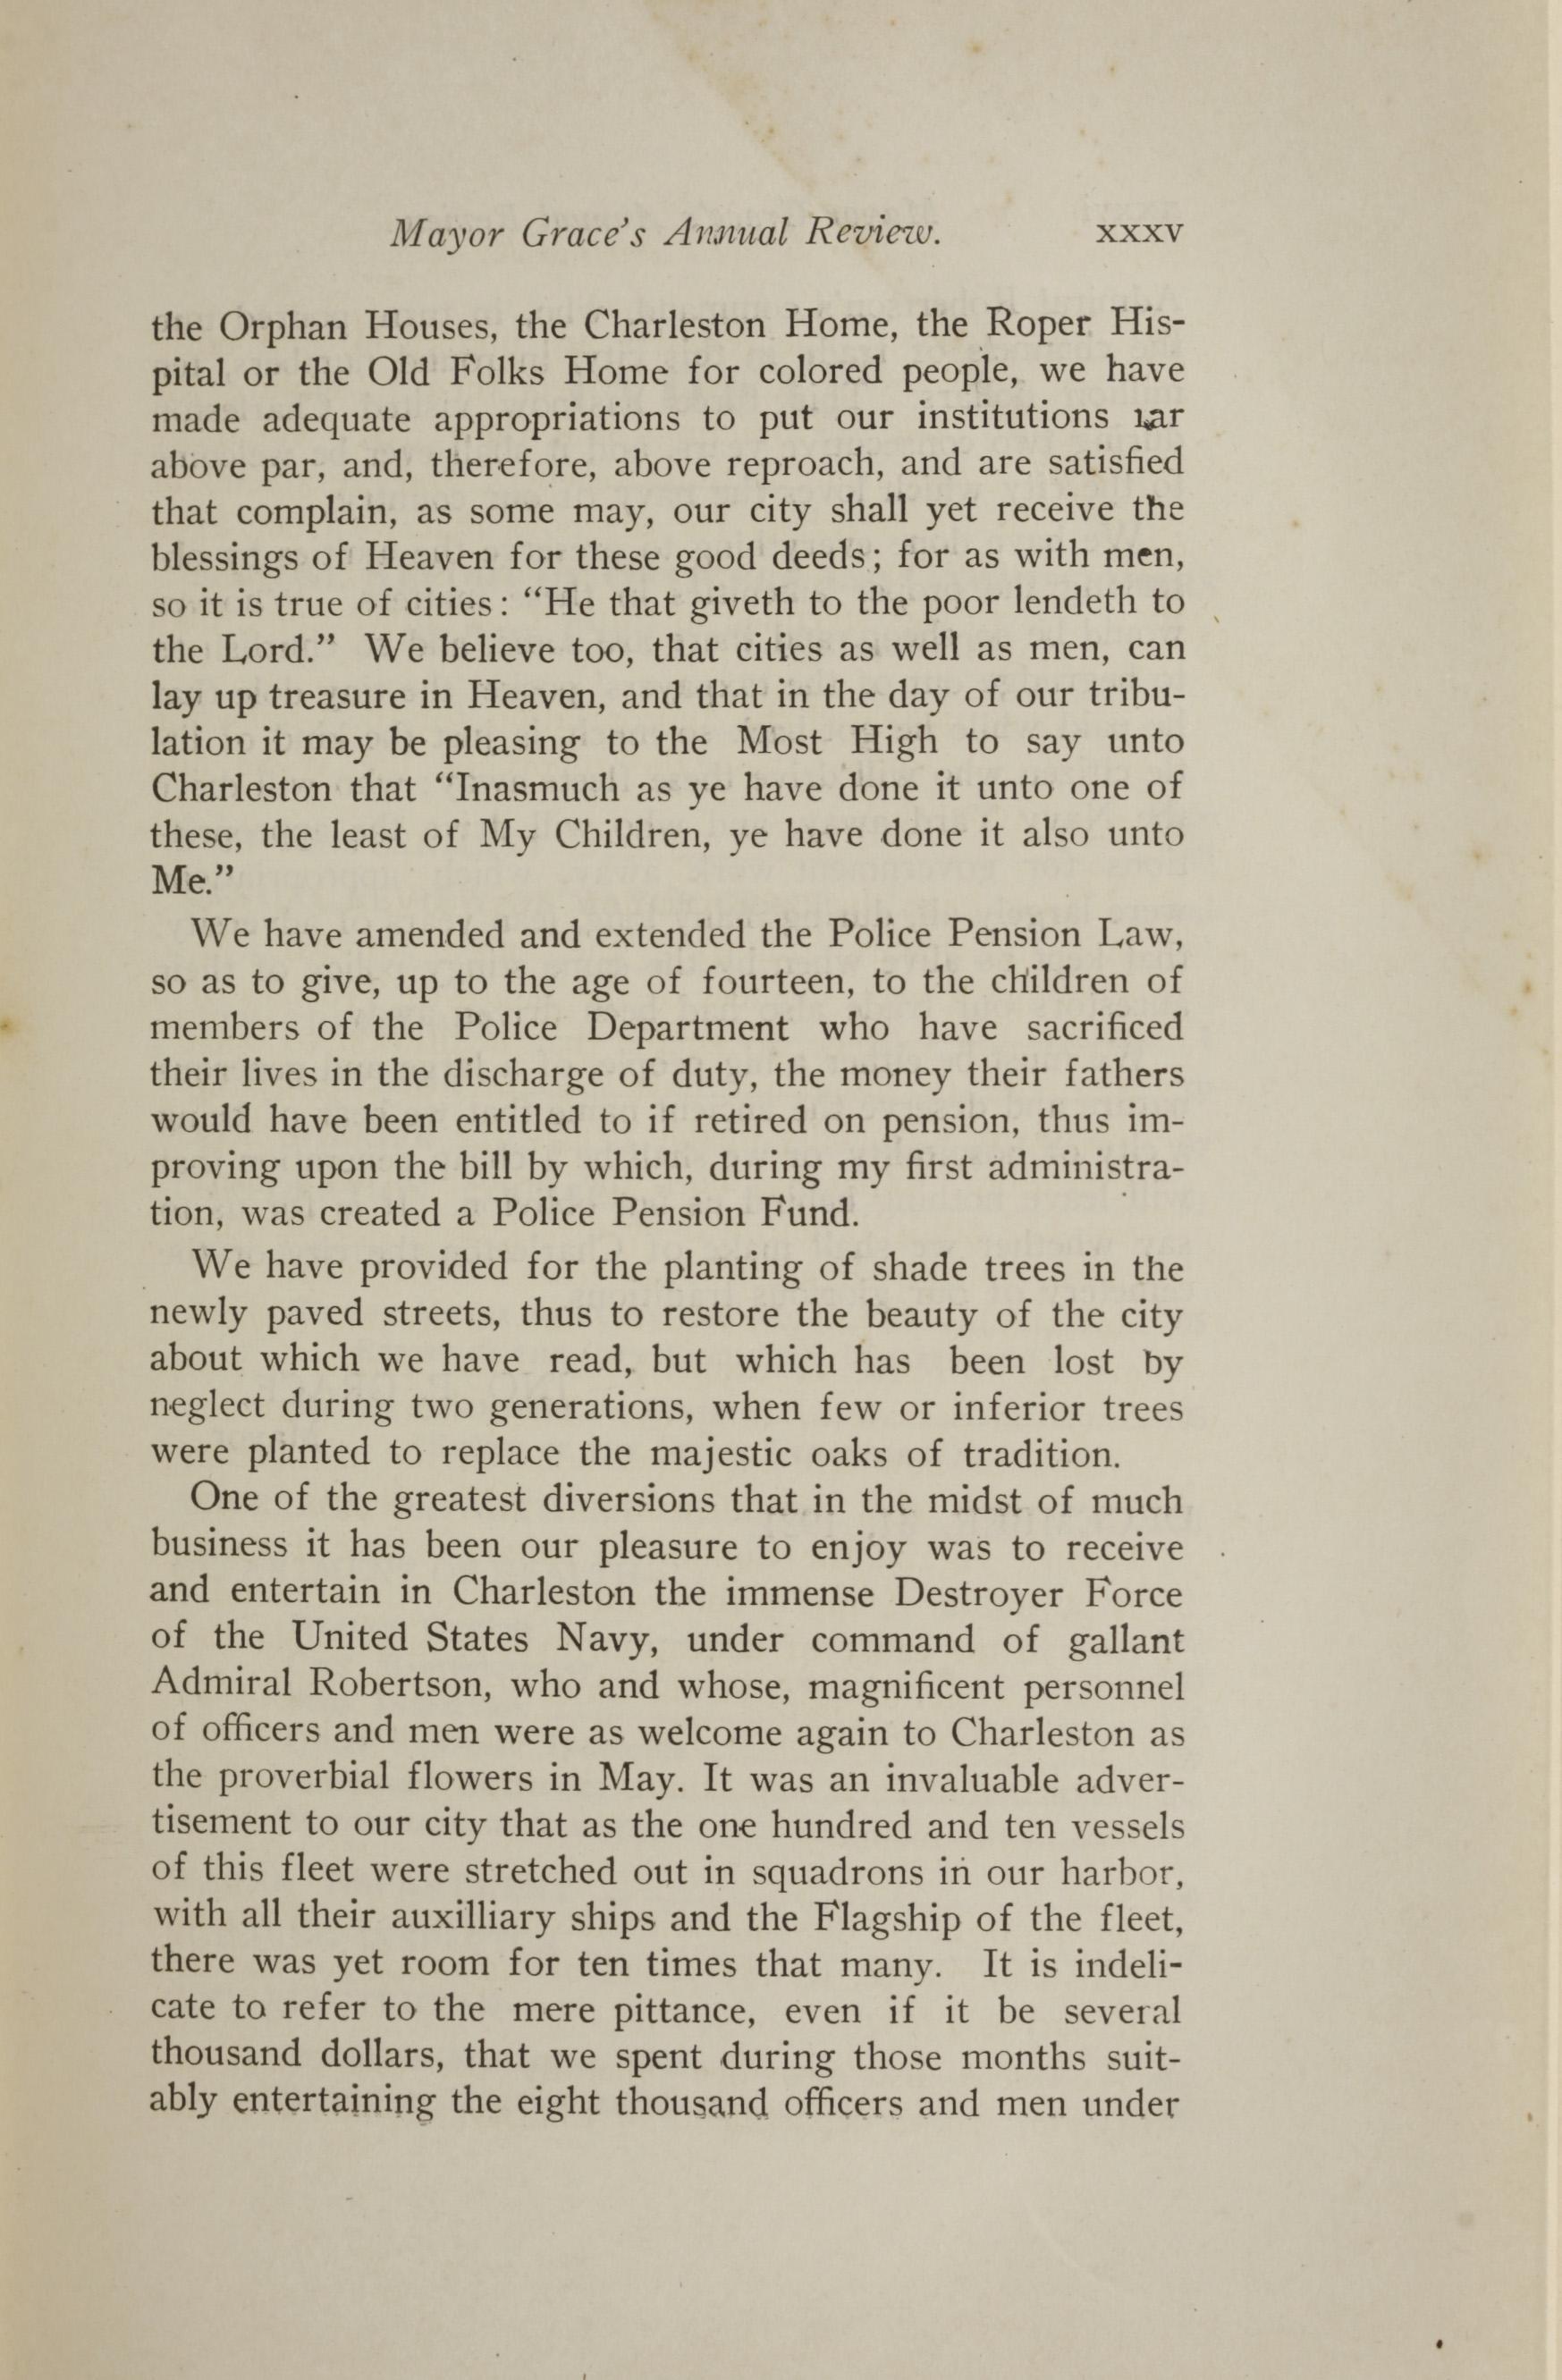 Charleston Yearbook, 1921, page xxxv